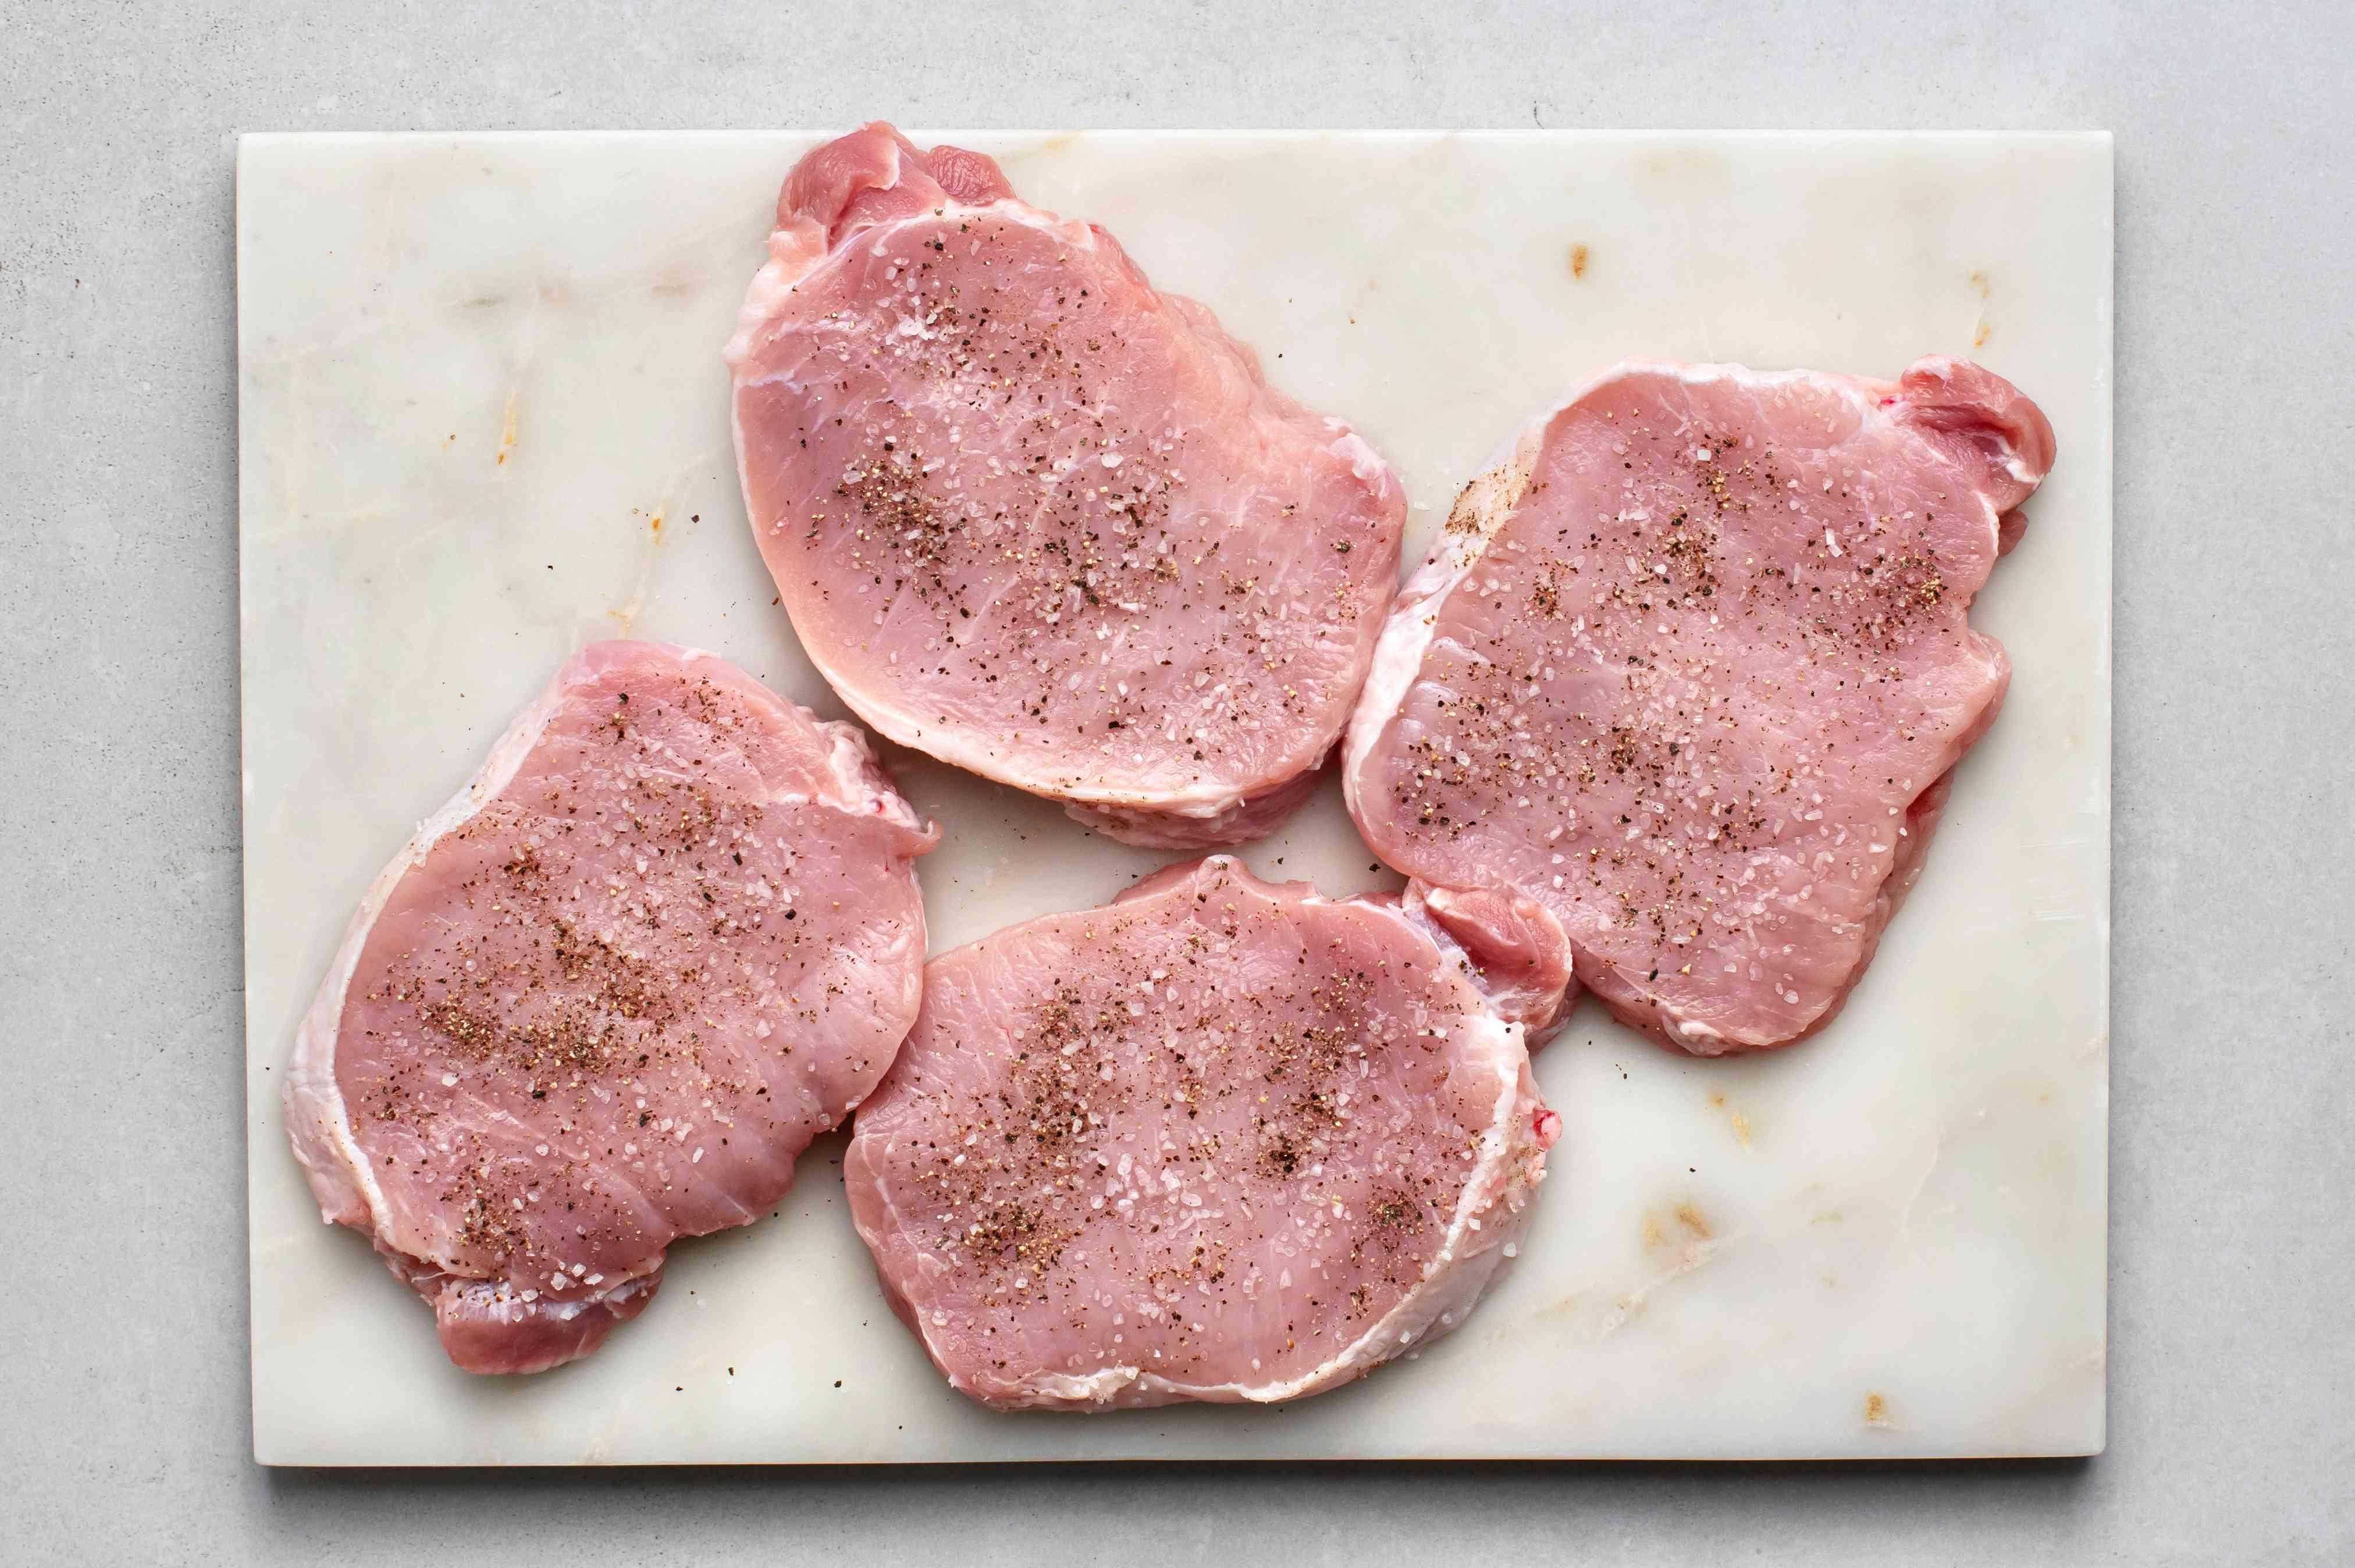 seasoned pork